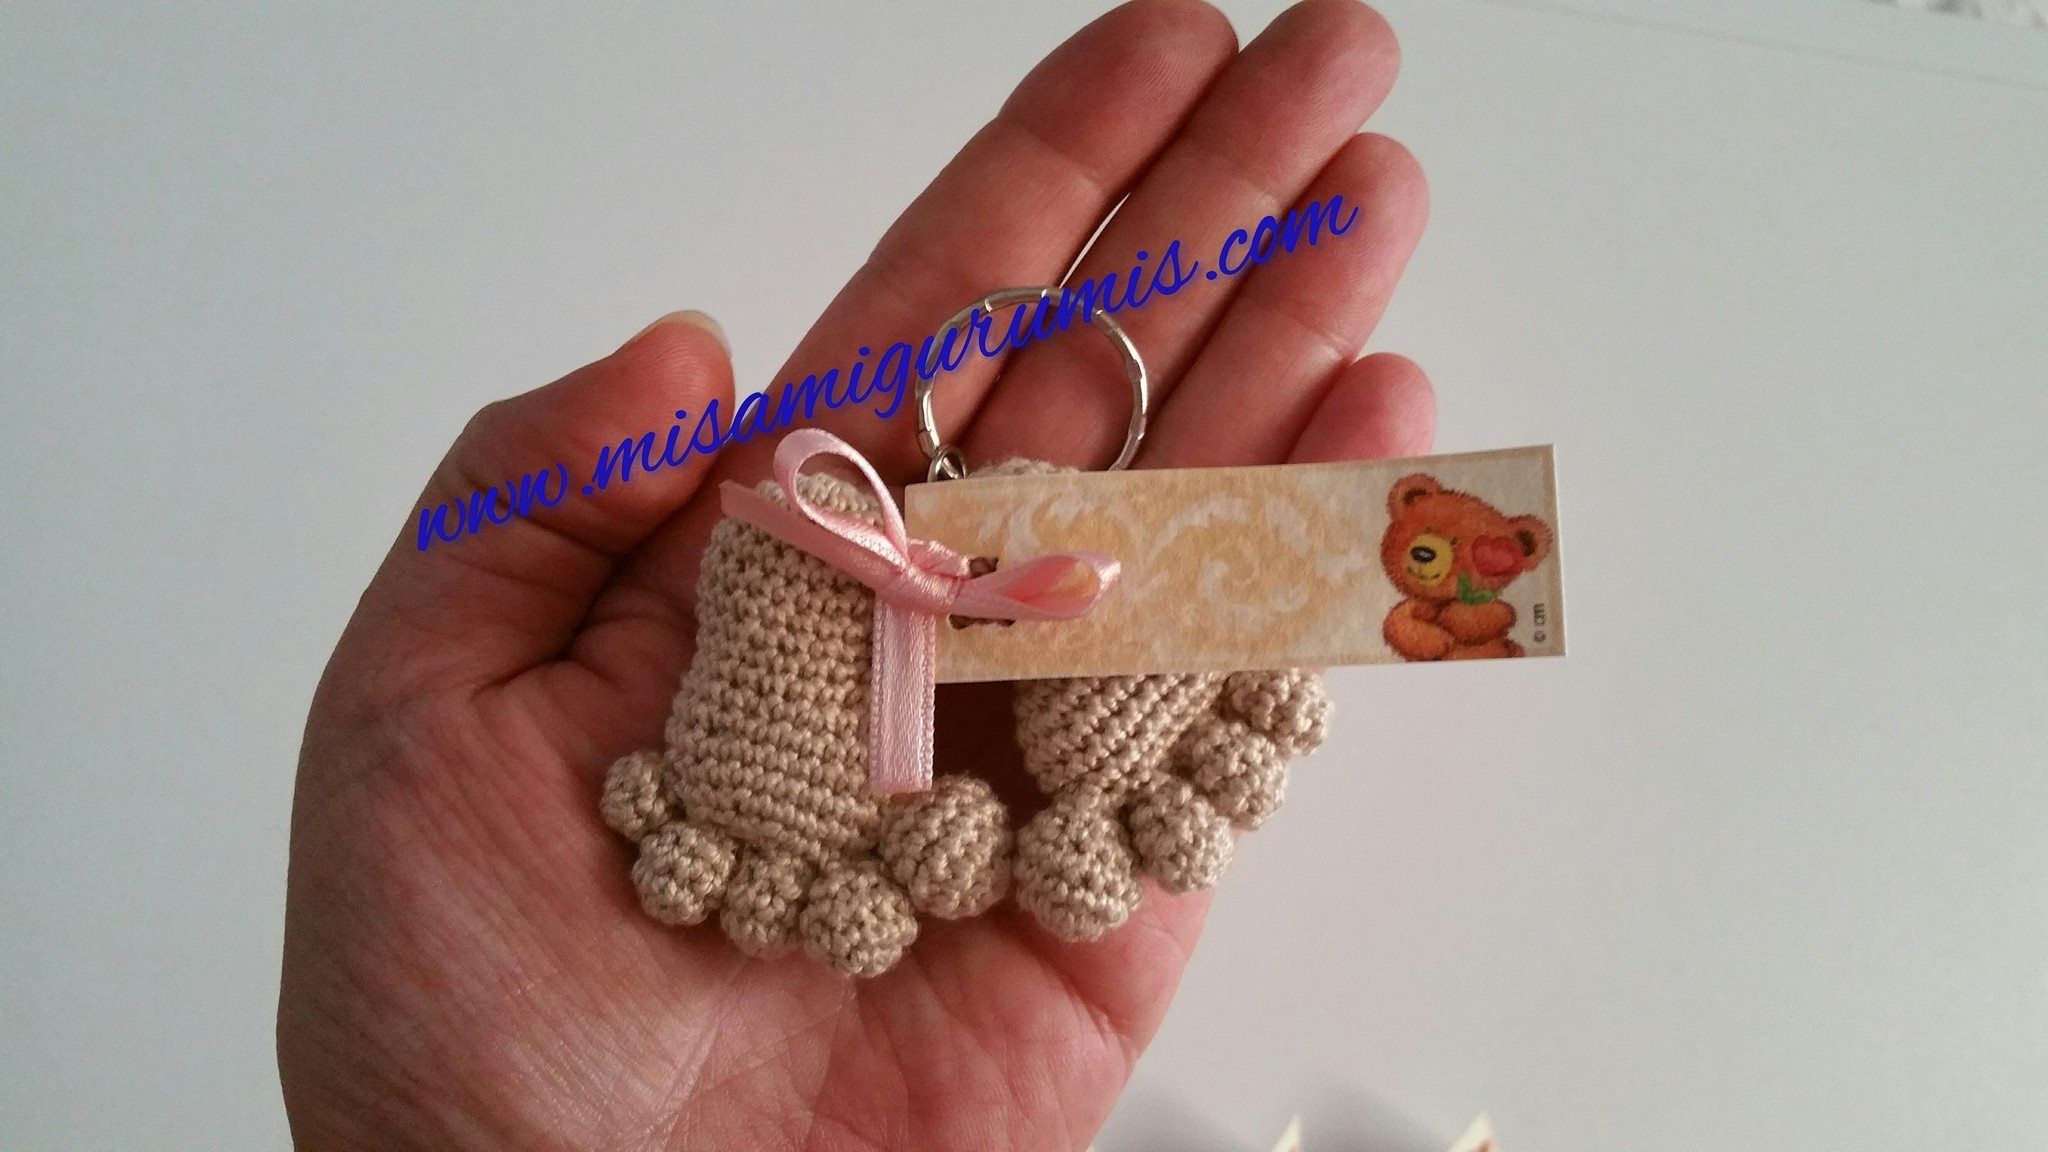 Amigurumi Patrones Gratis De Buho : Patrón de llavero tejido a crochet con la técnica amigurumi de